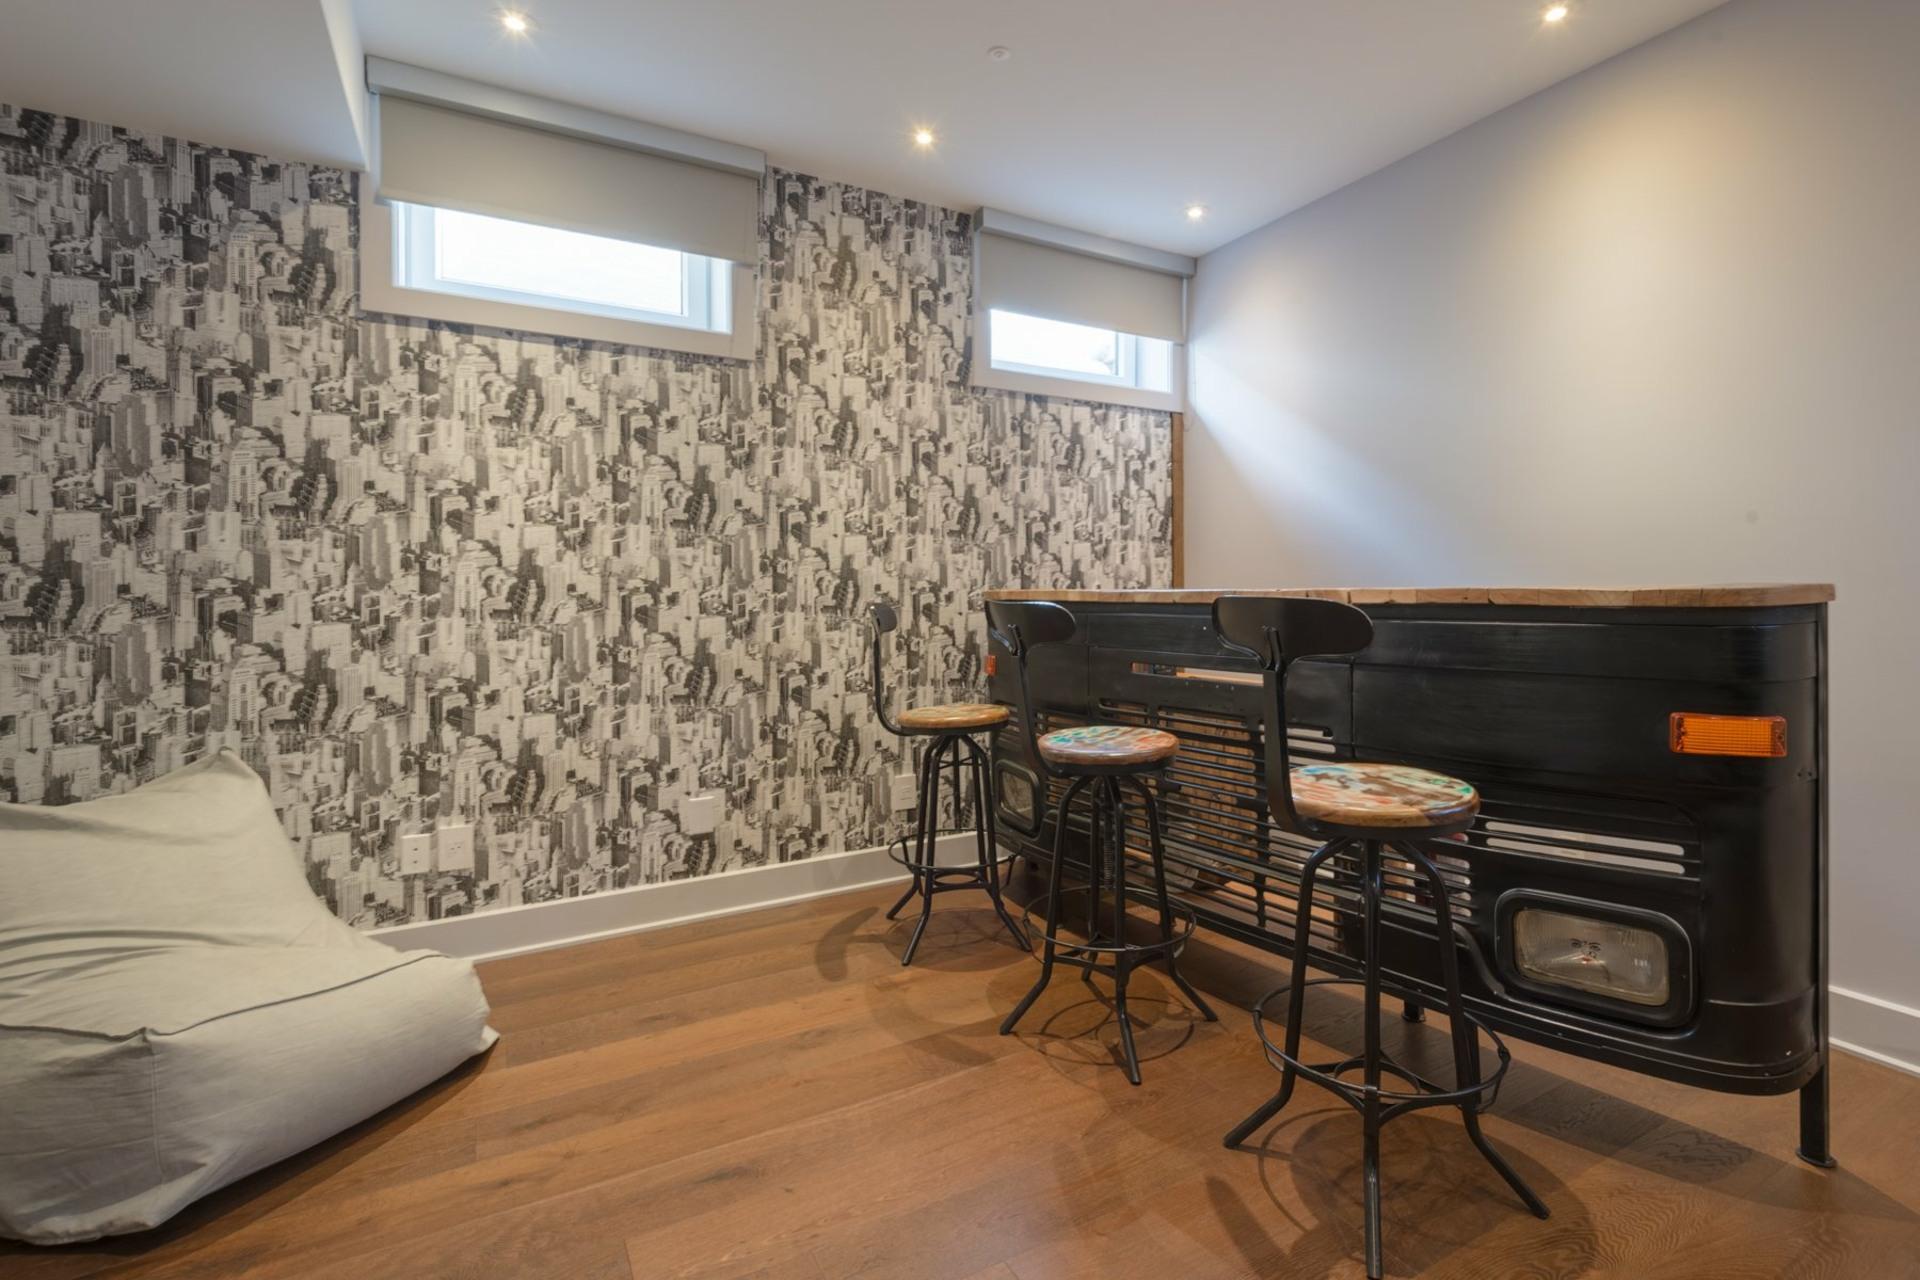 image 39 - Maison À vendre Beaconsfield